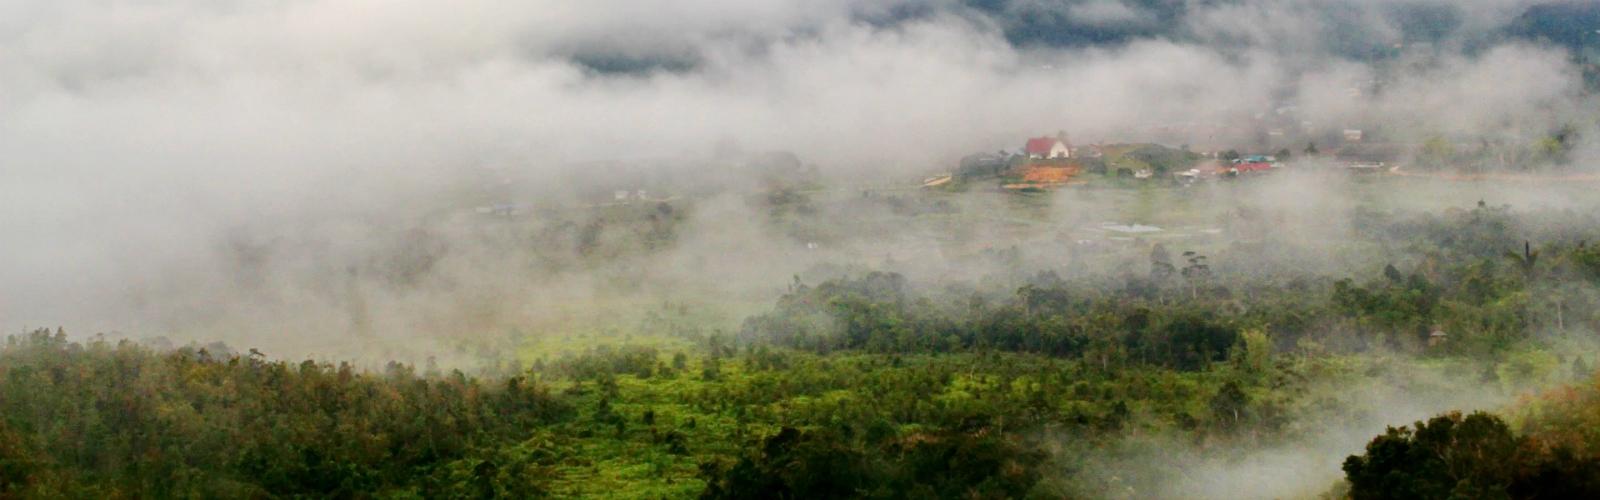 een vliegticket naar het prachtige Borneo?